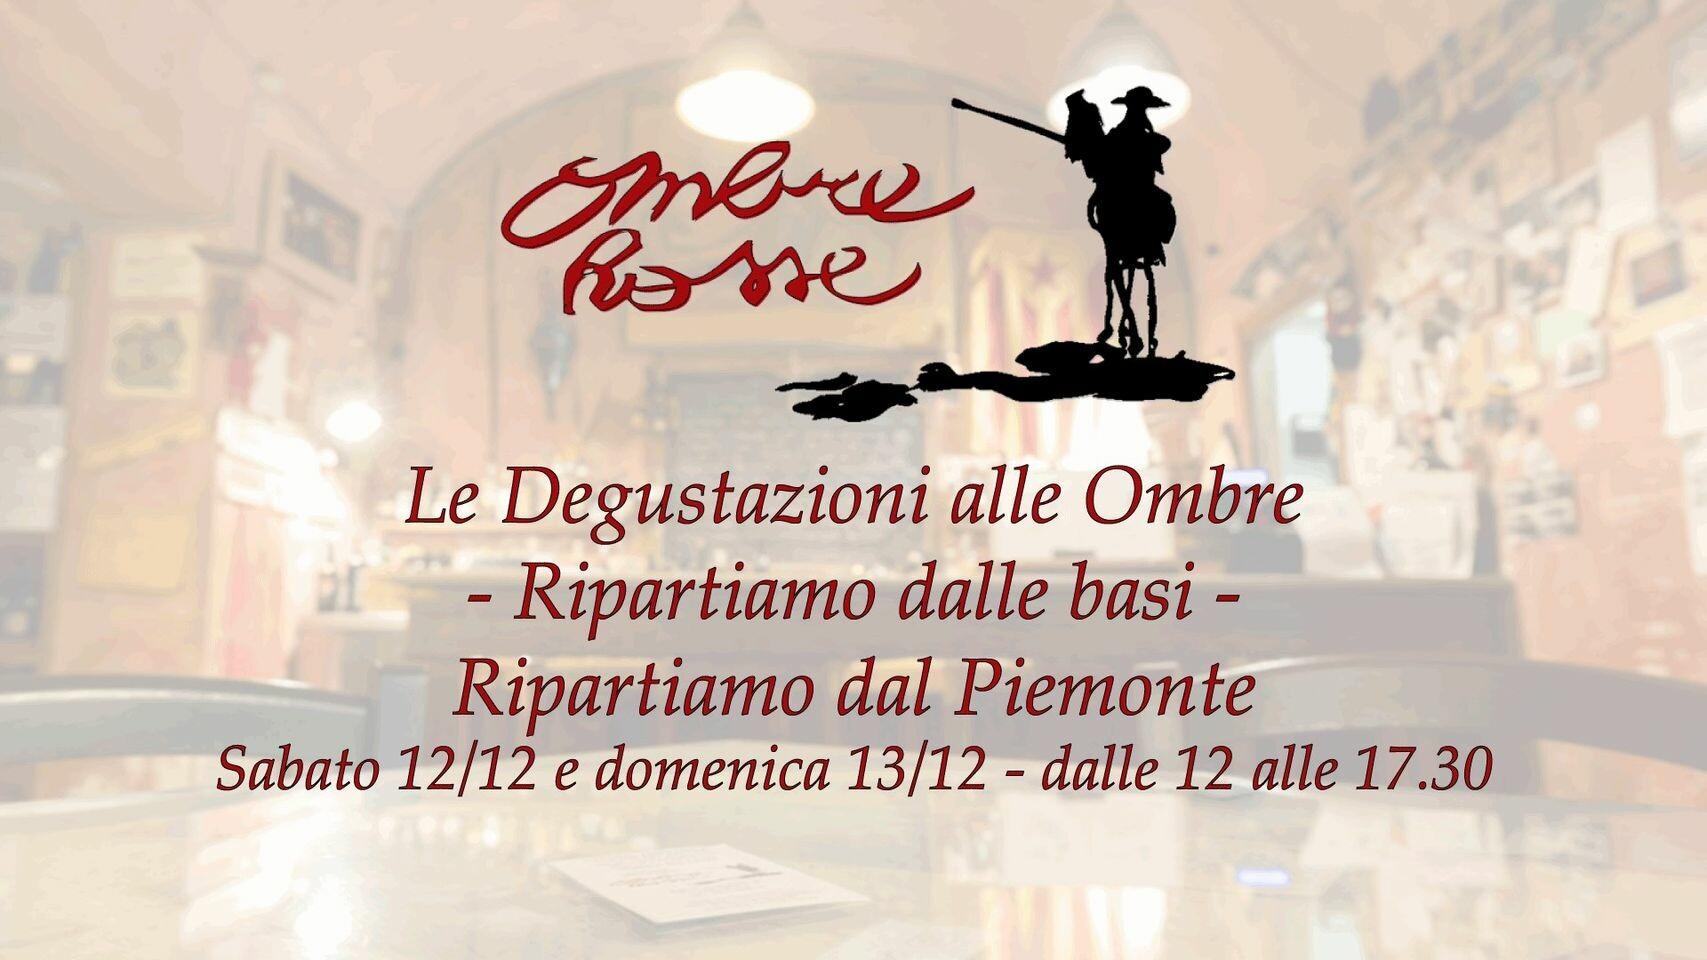 Le Degustazioni alle Ombre - Ripartiamo dalle basi . Ripartiamo dal Piemonte